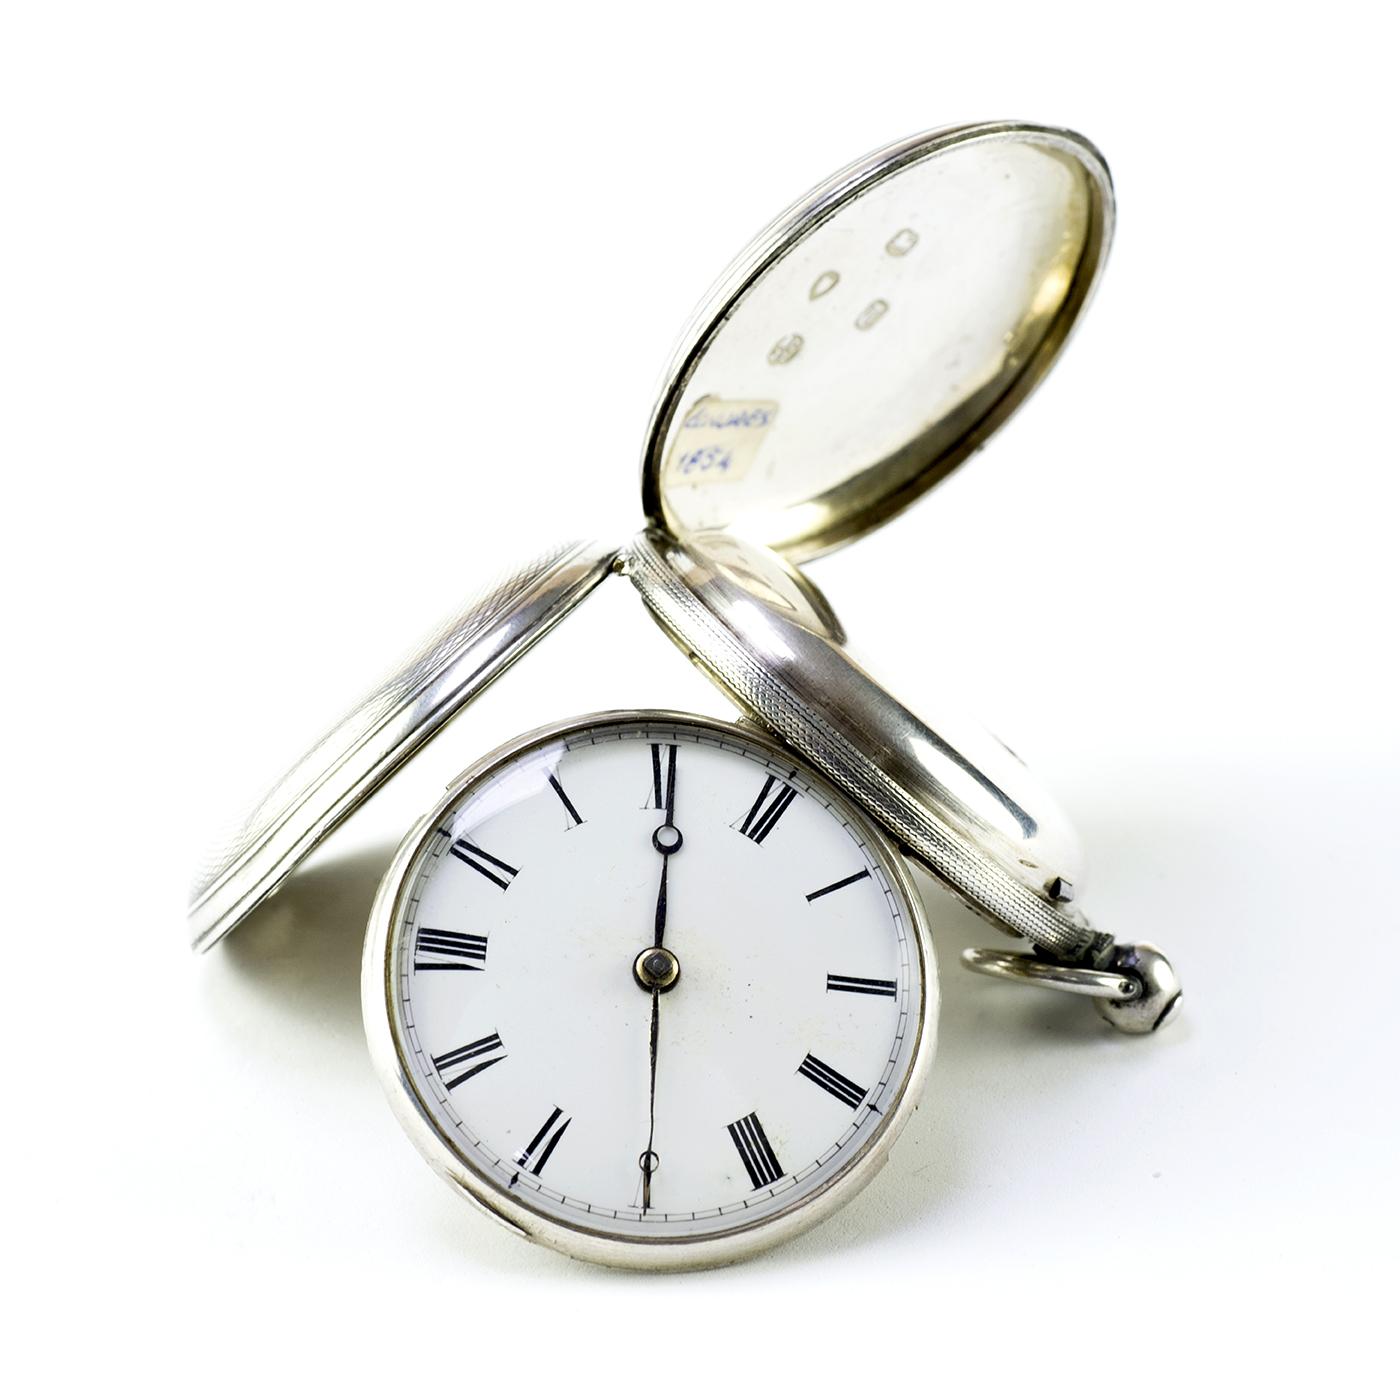 Reloj Inglés de Bolsillo, saboneta, Verge Fusee (Catalino), Londres, 1854.